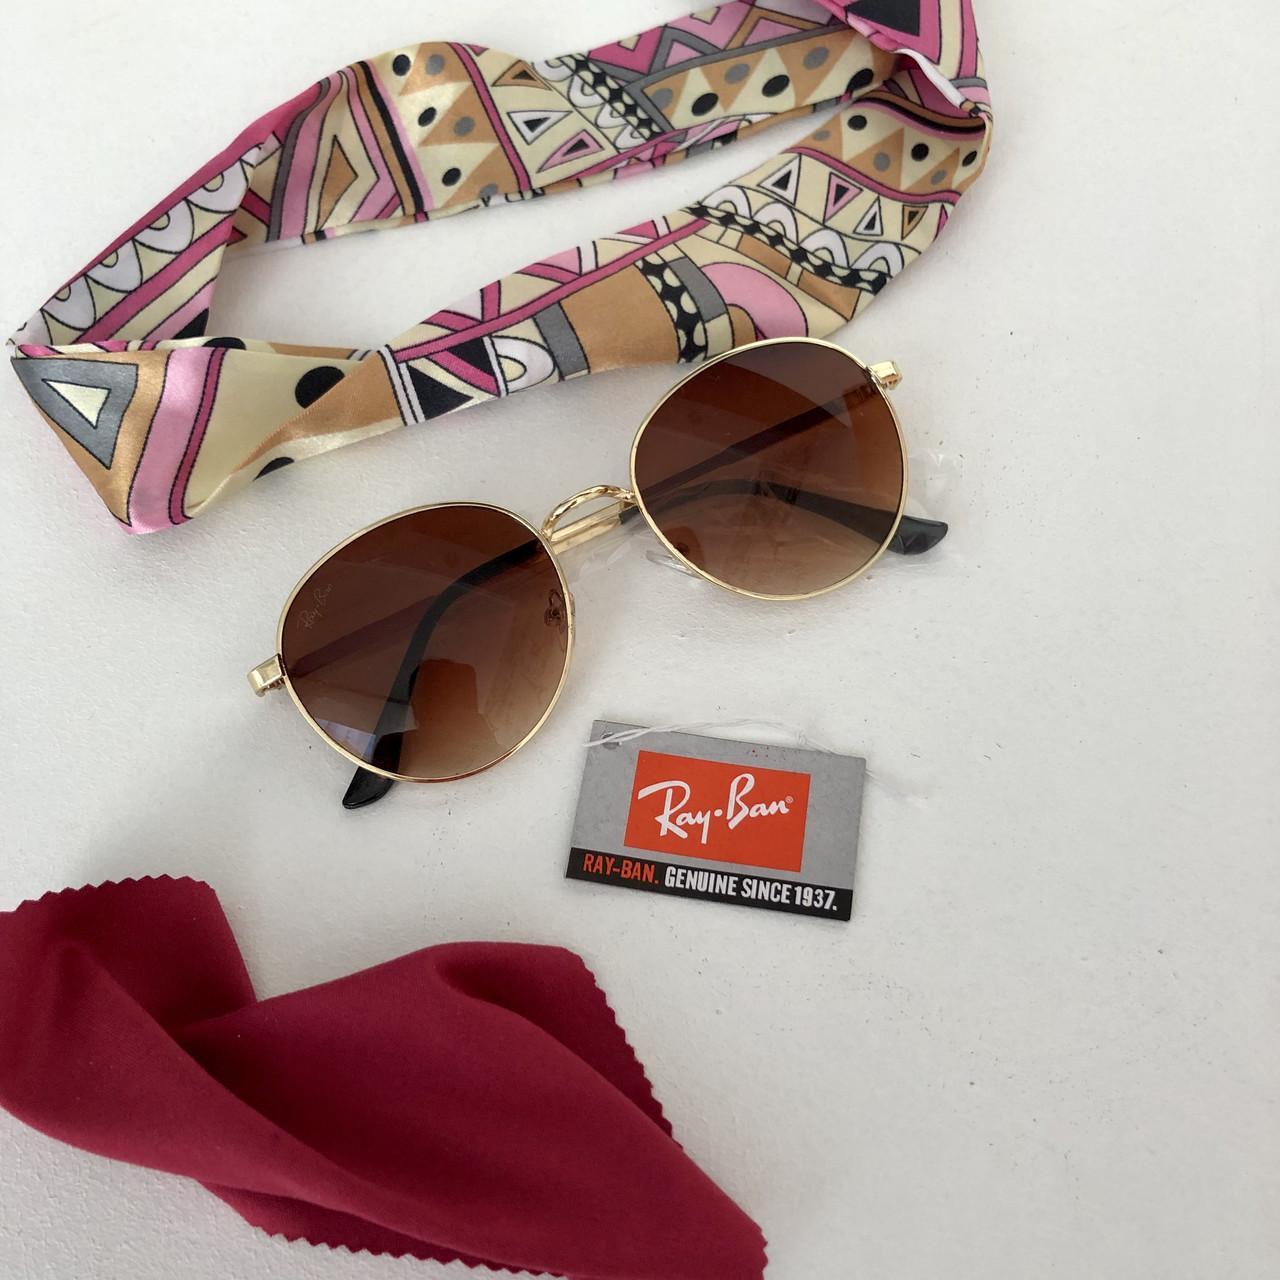 Очки солнцезащитные брендовые под Ray Ban коричневые недорогие копии